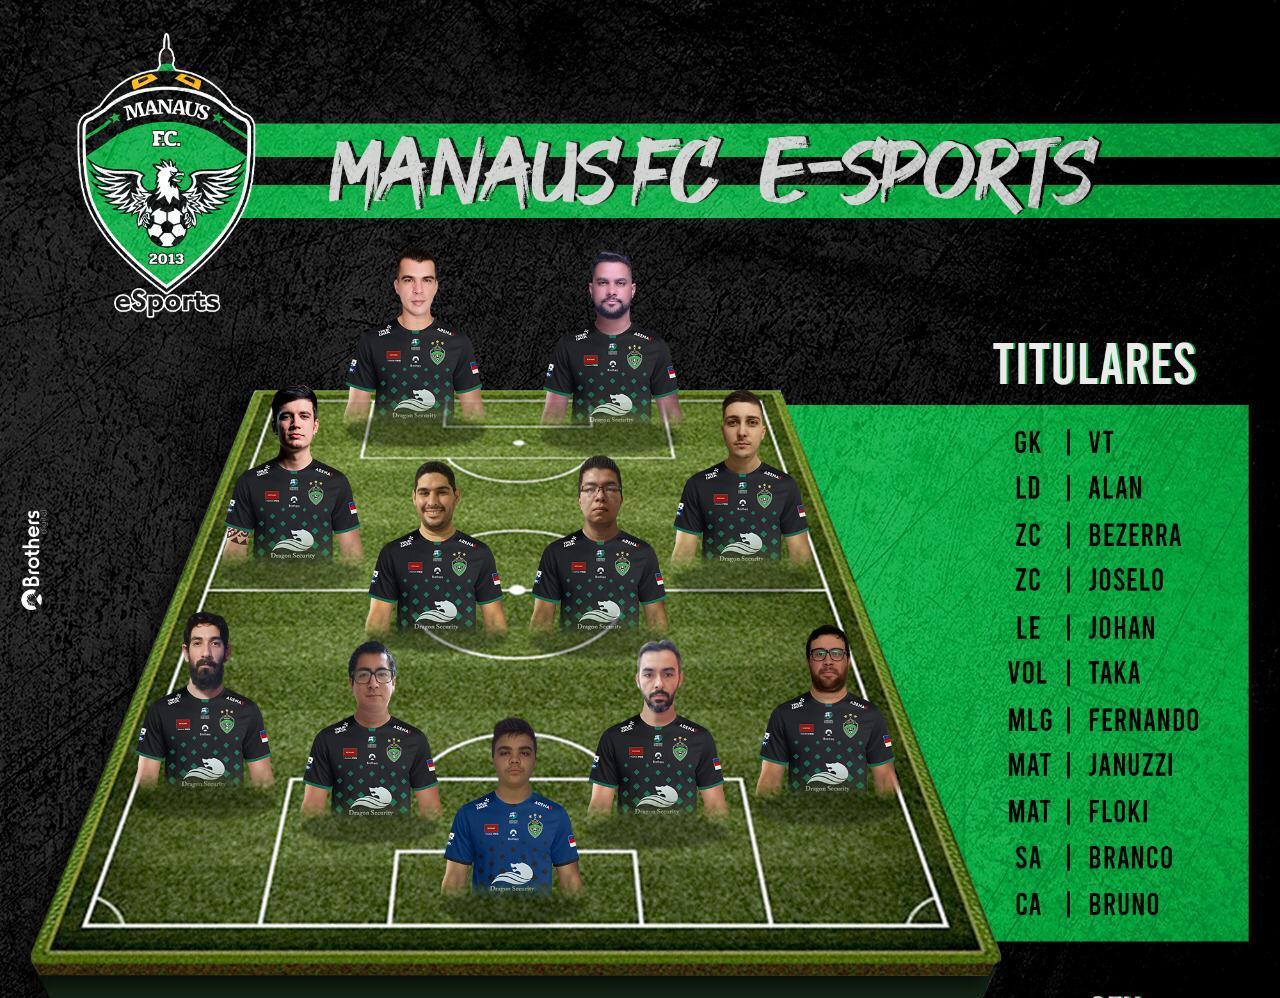 MANAUSFC estreia com vitória no Campeonato Brasileiro de Futebol Digital